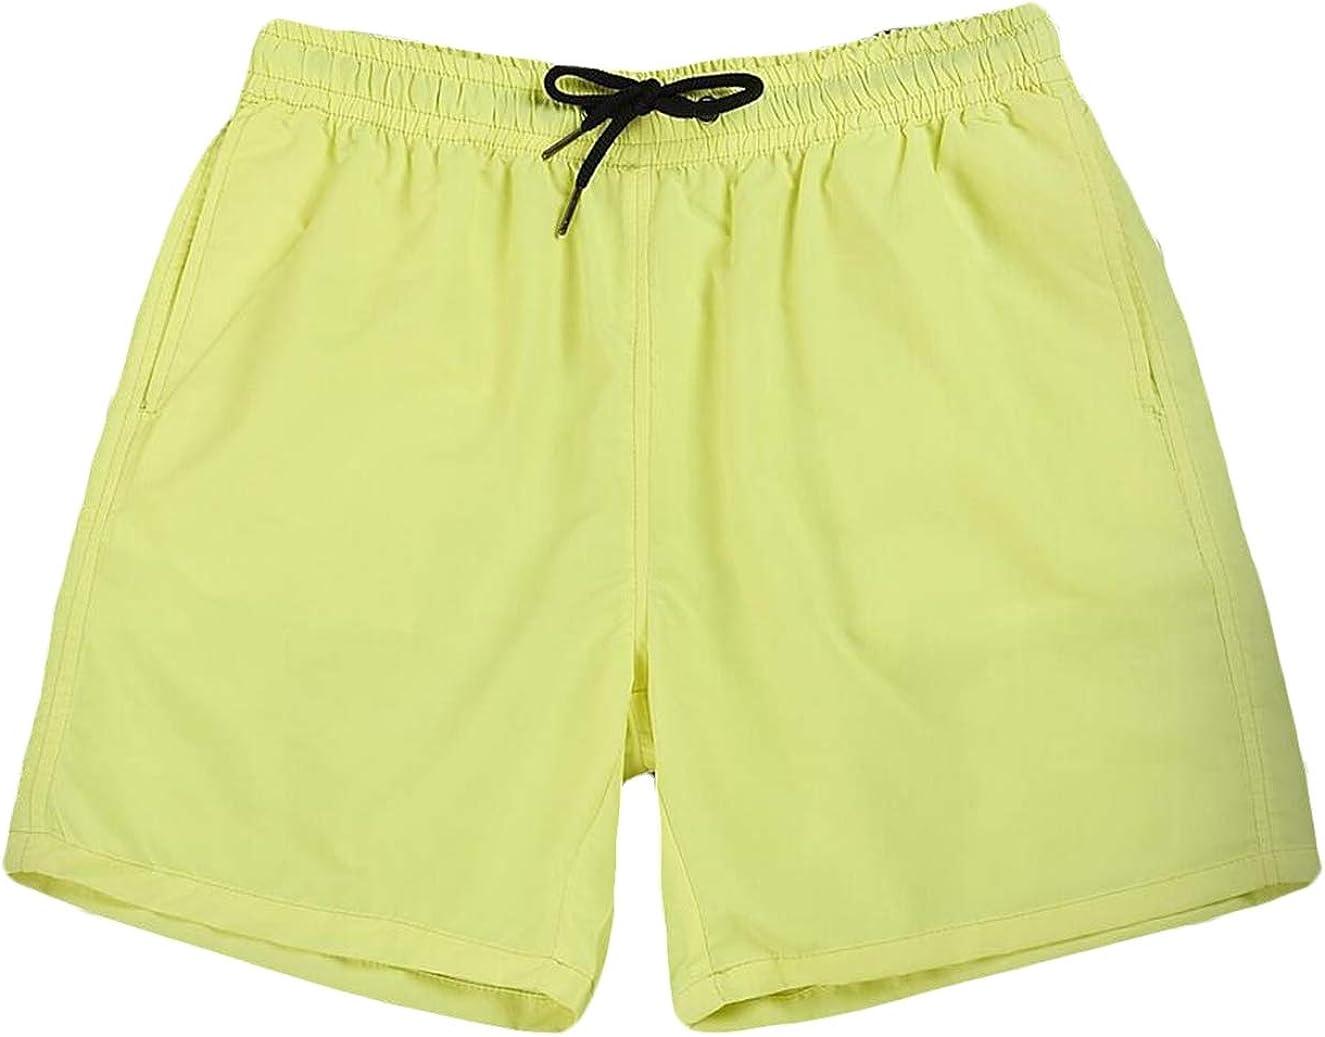 xiaohuoban Men Pocket Beach Work Casual Fashion Short Trousers Shorts Pants